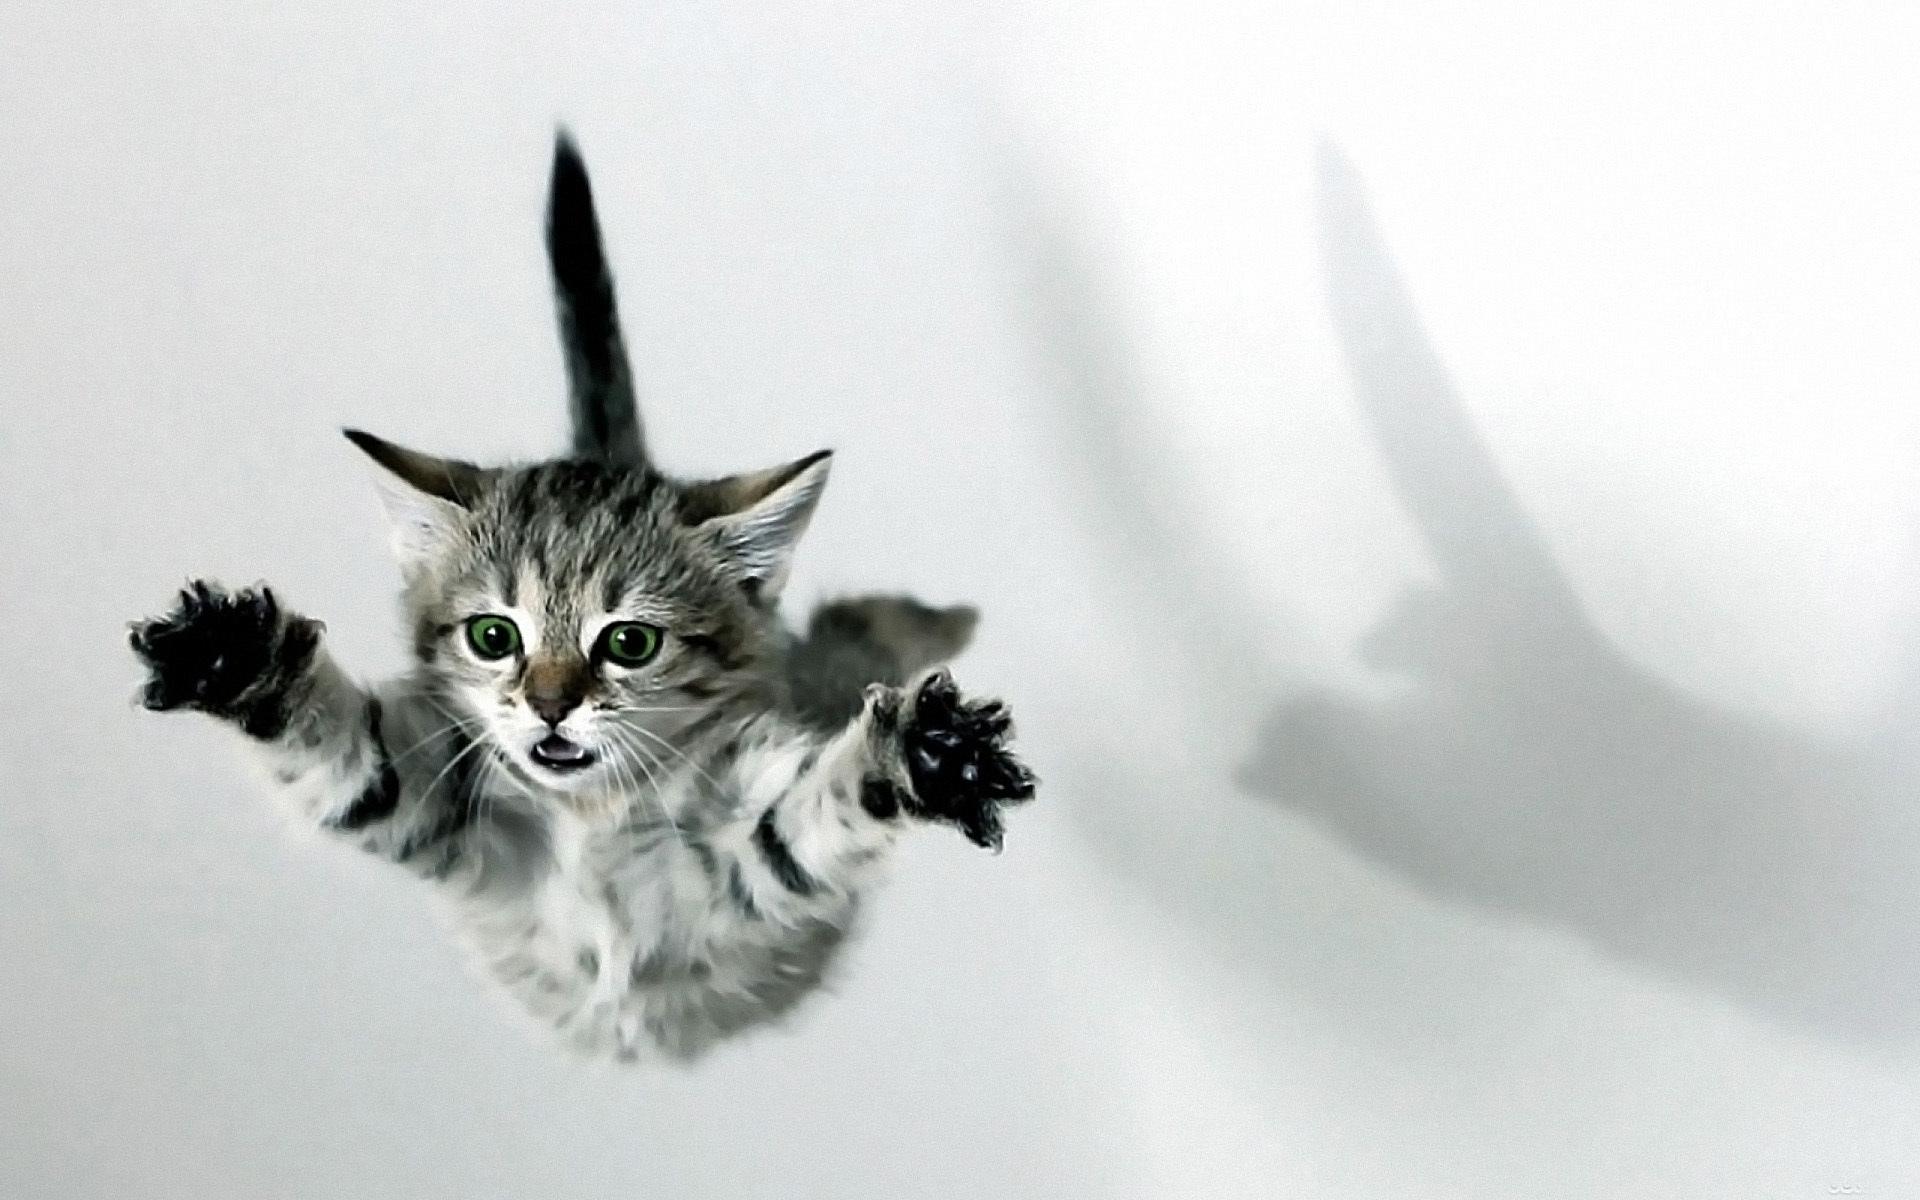 عکس گربه های ناز و کوچولو برای پروفایل و تصویر زمینه